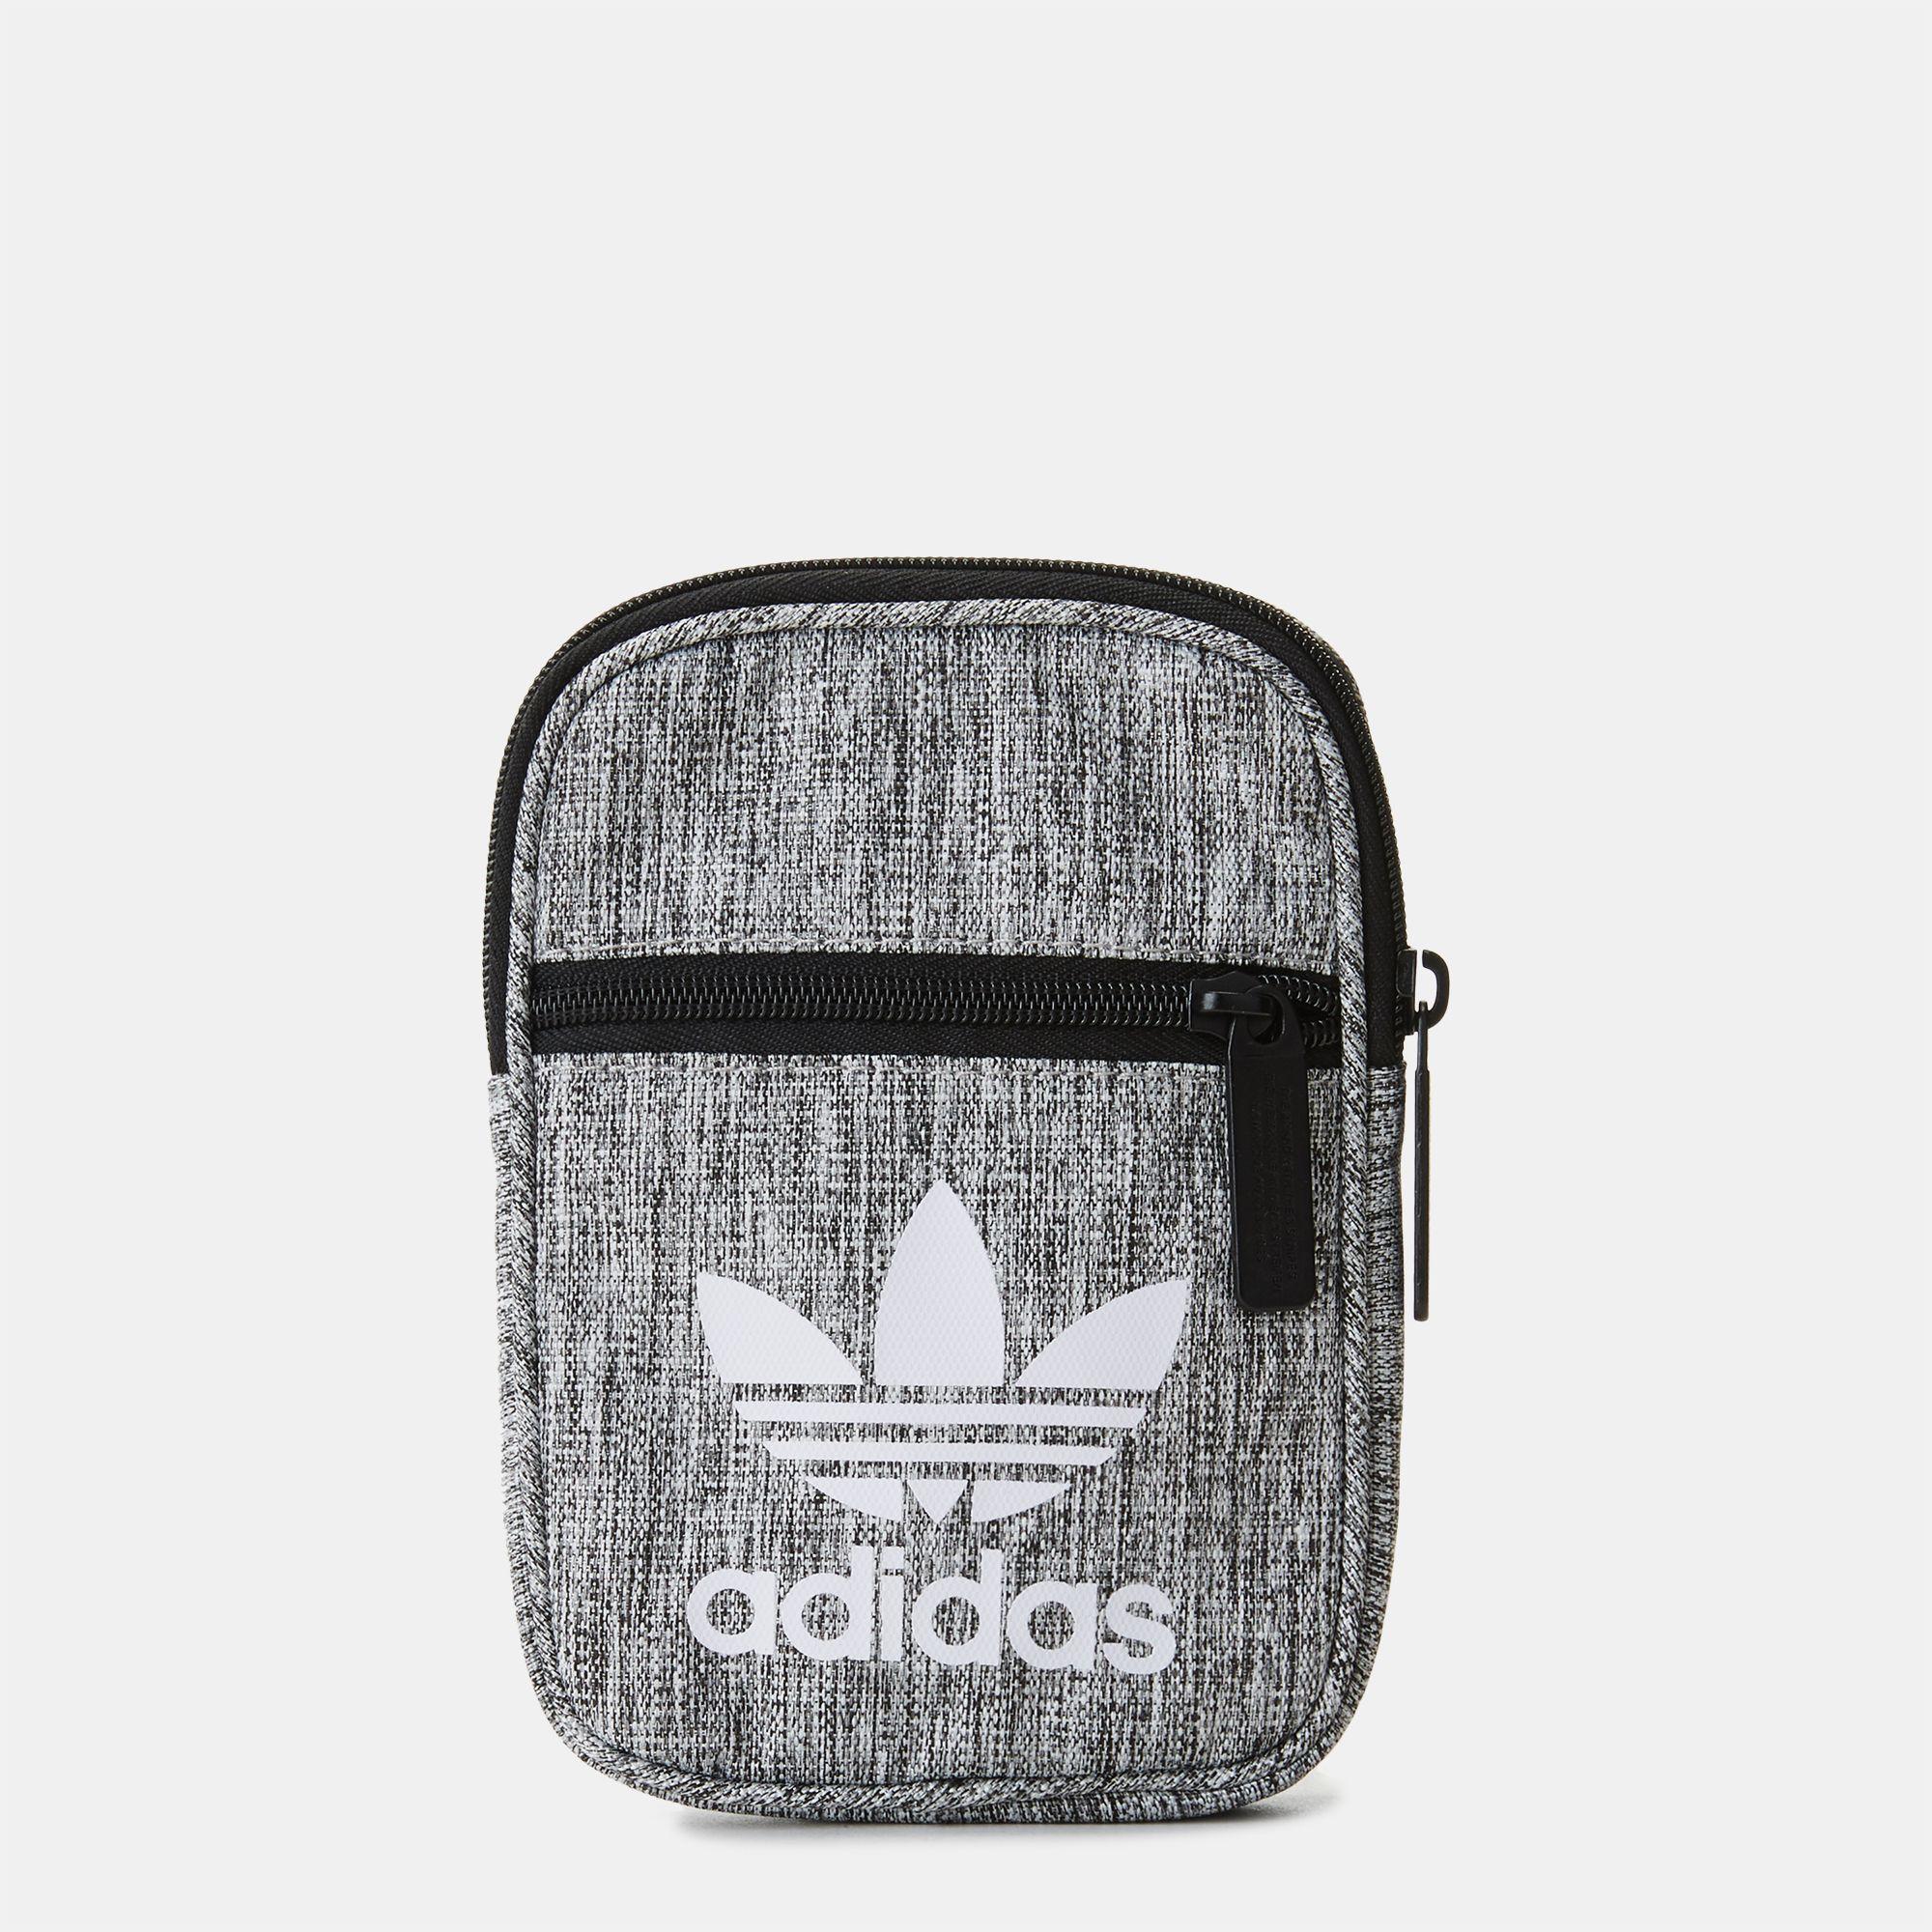 dd7fcceb9 Shop Black adidas Originals Casual Festival Bag for Unisex by adidas ...